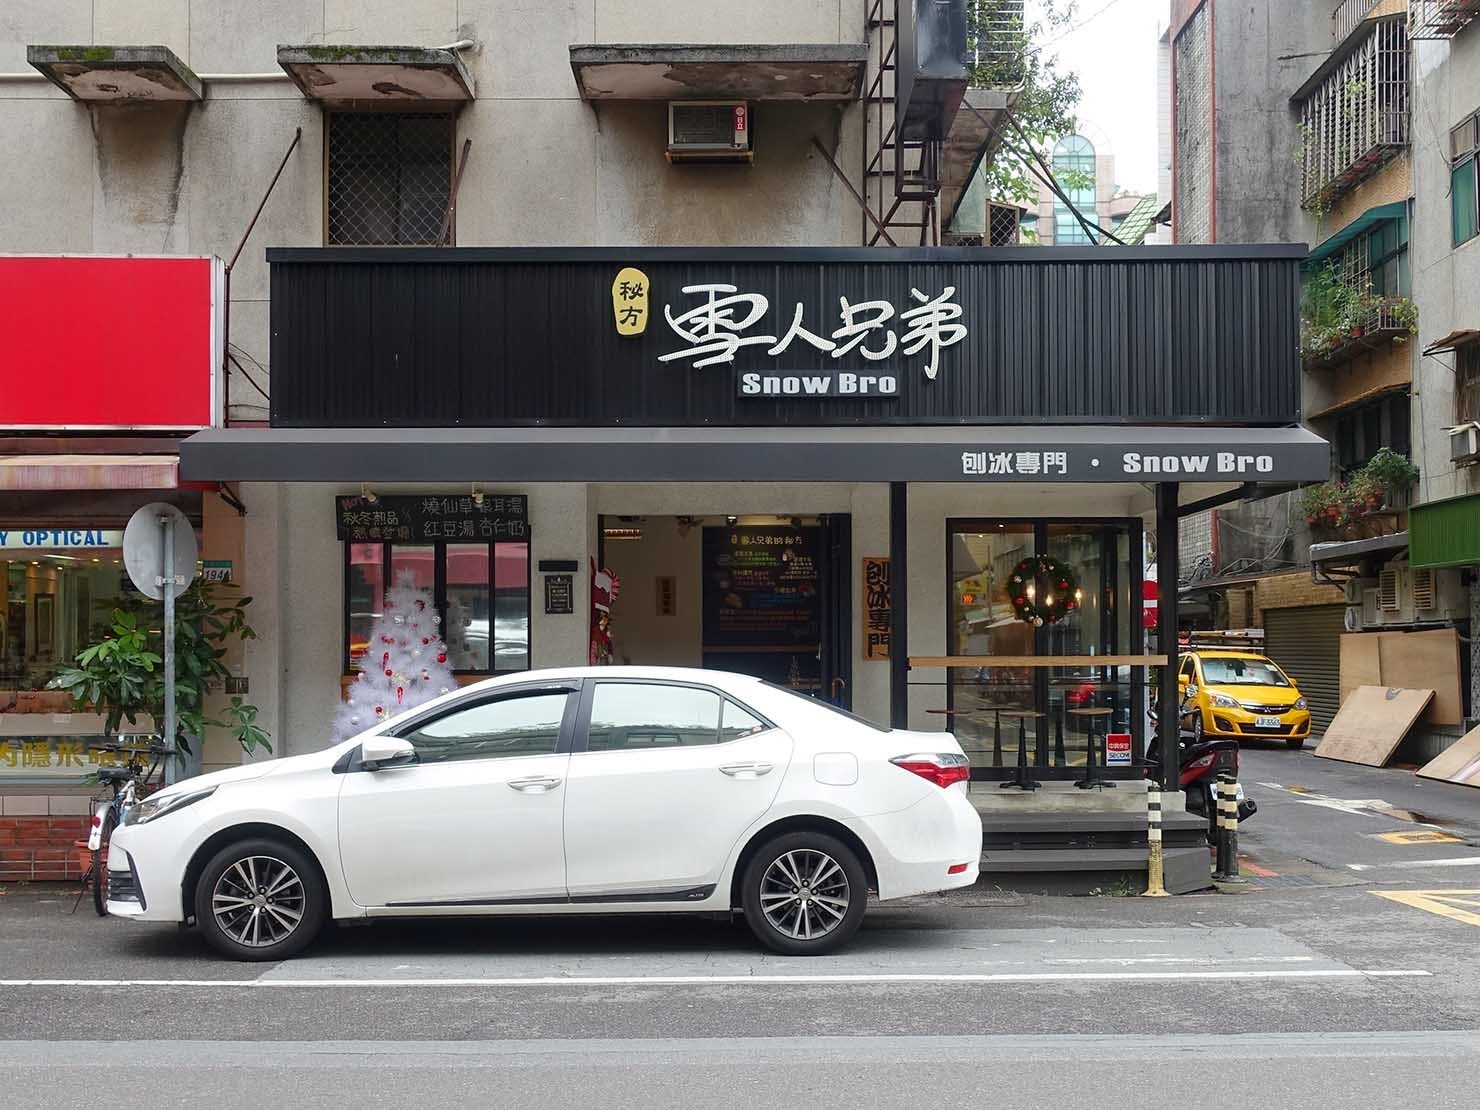 台北・大安駅周辺のおすすめ台湾スイーツ店「雪人兄弟」の外観